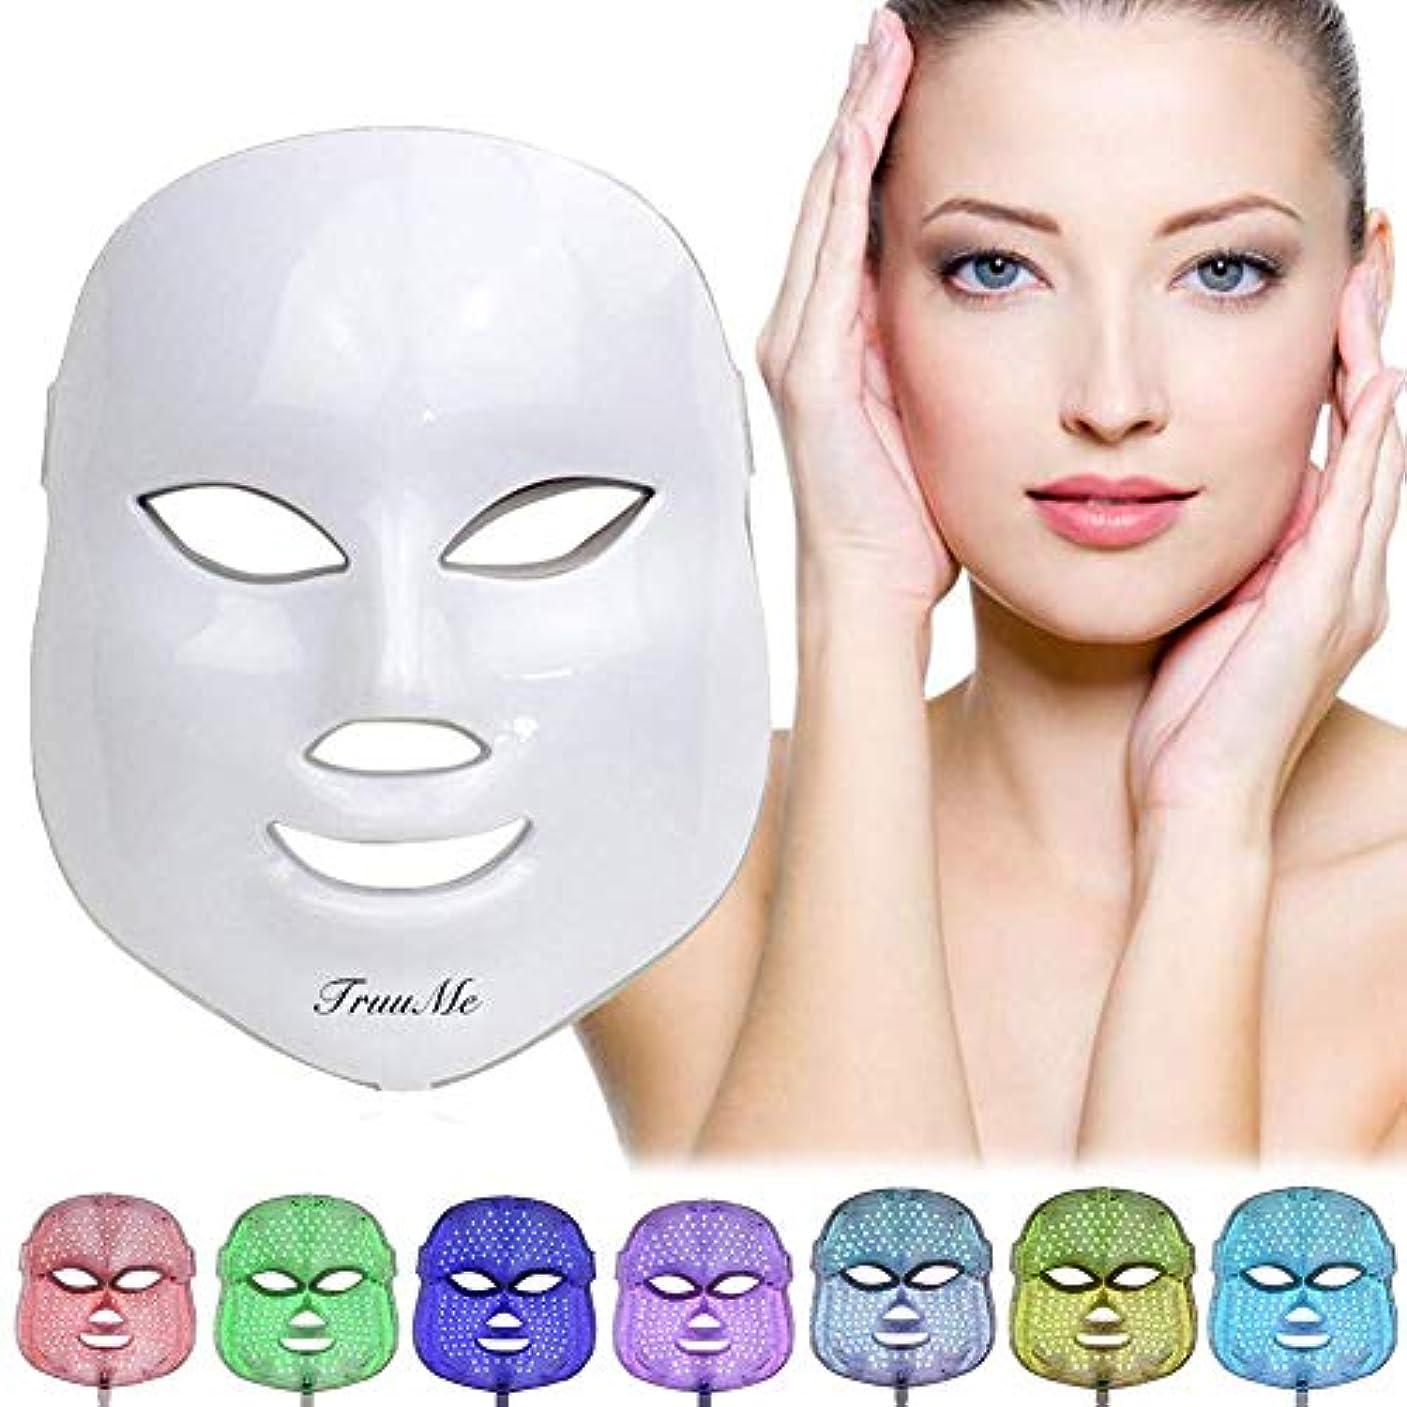 公時間とともにカウンタLEDフェイスマスク、ライトセラピーニキビマスク、LEDフェイシャルマスク、光線療法マスク、LEDエレクトリックフェイシャルマスク、7色光治療、ニキビ治療用マスク、斑点、にきび、皮膚のシミ